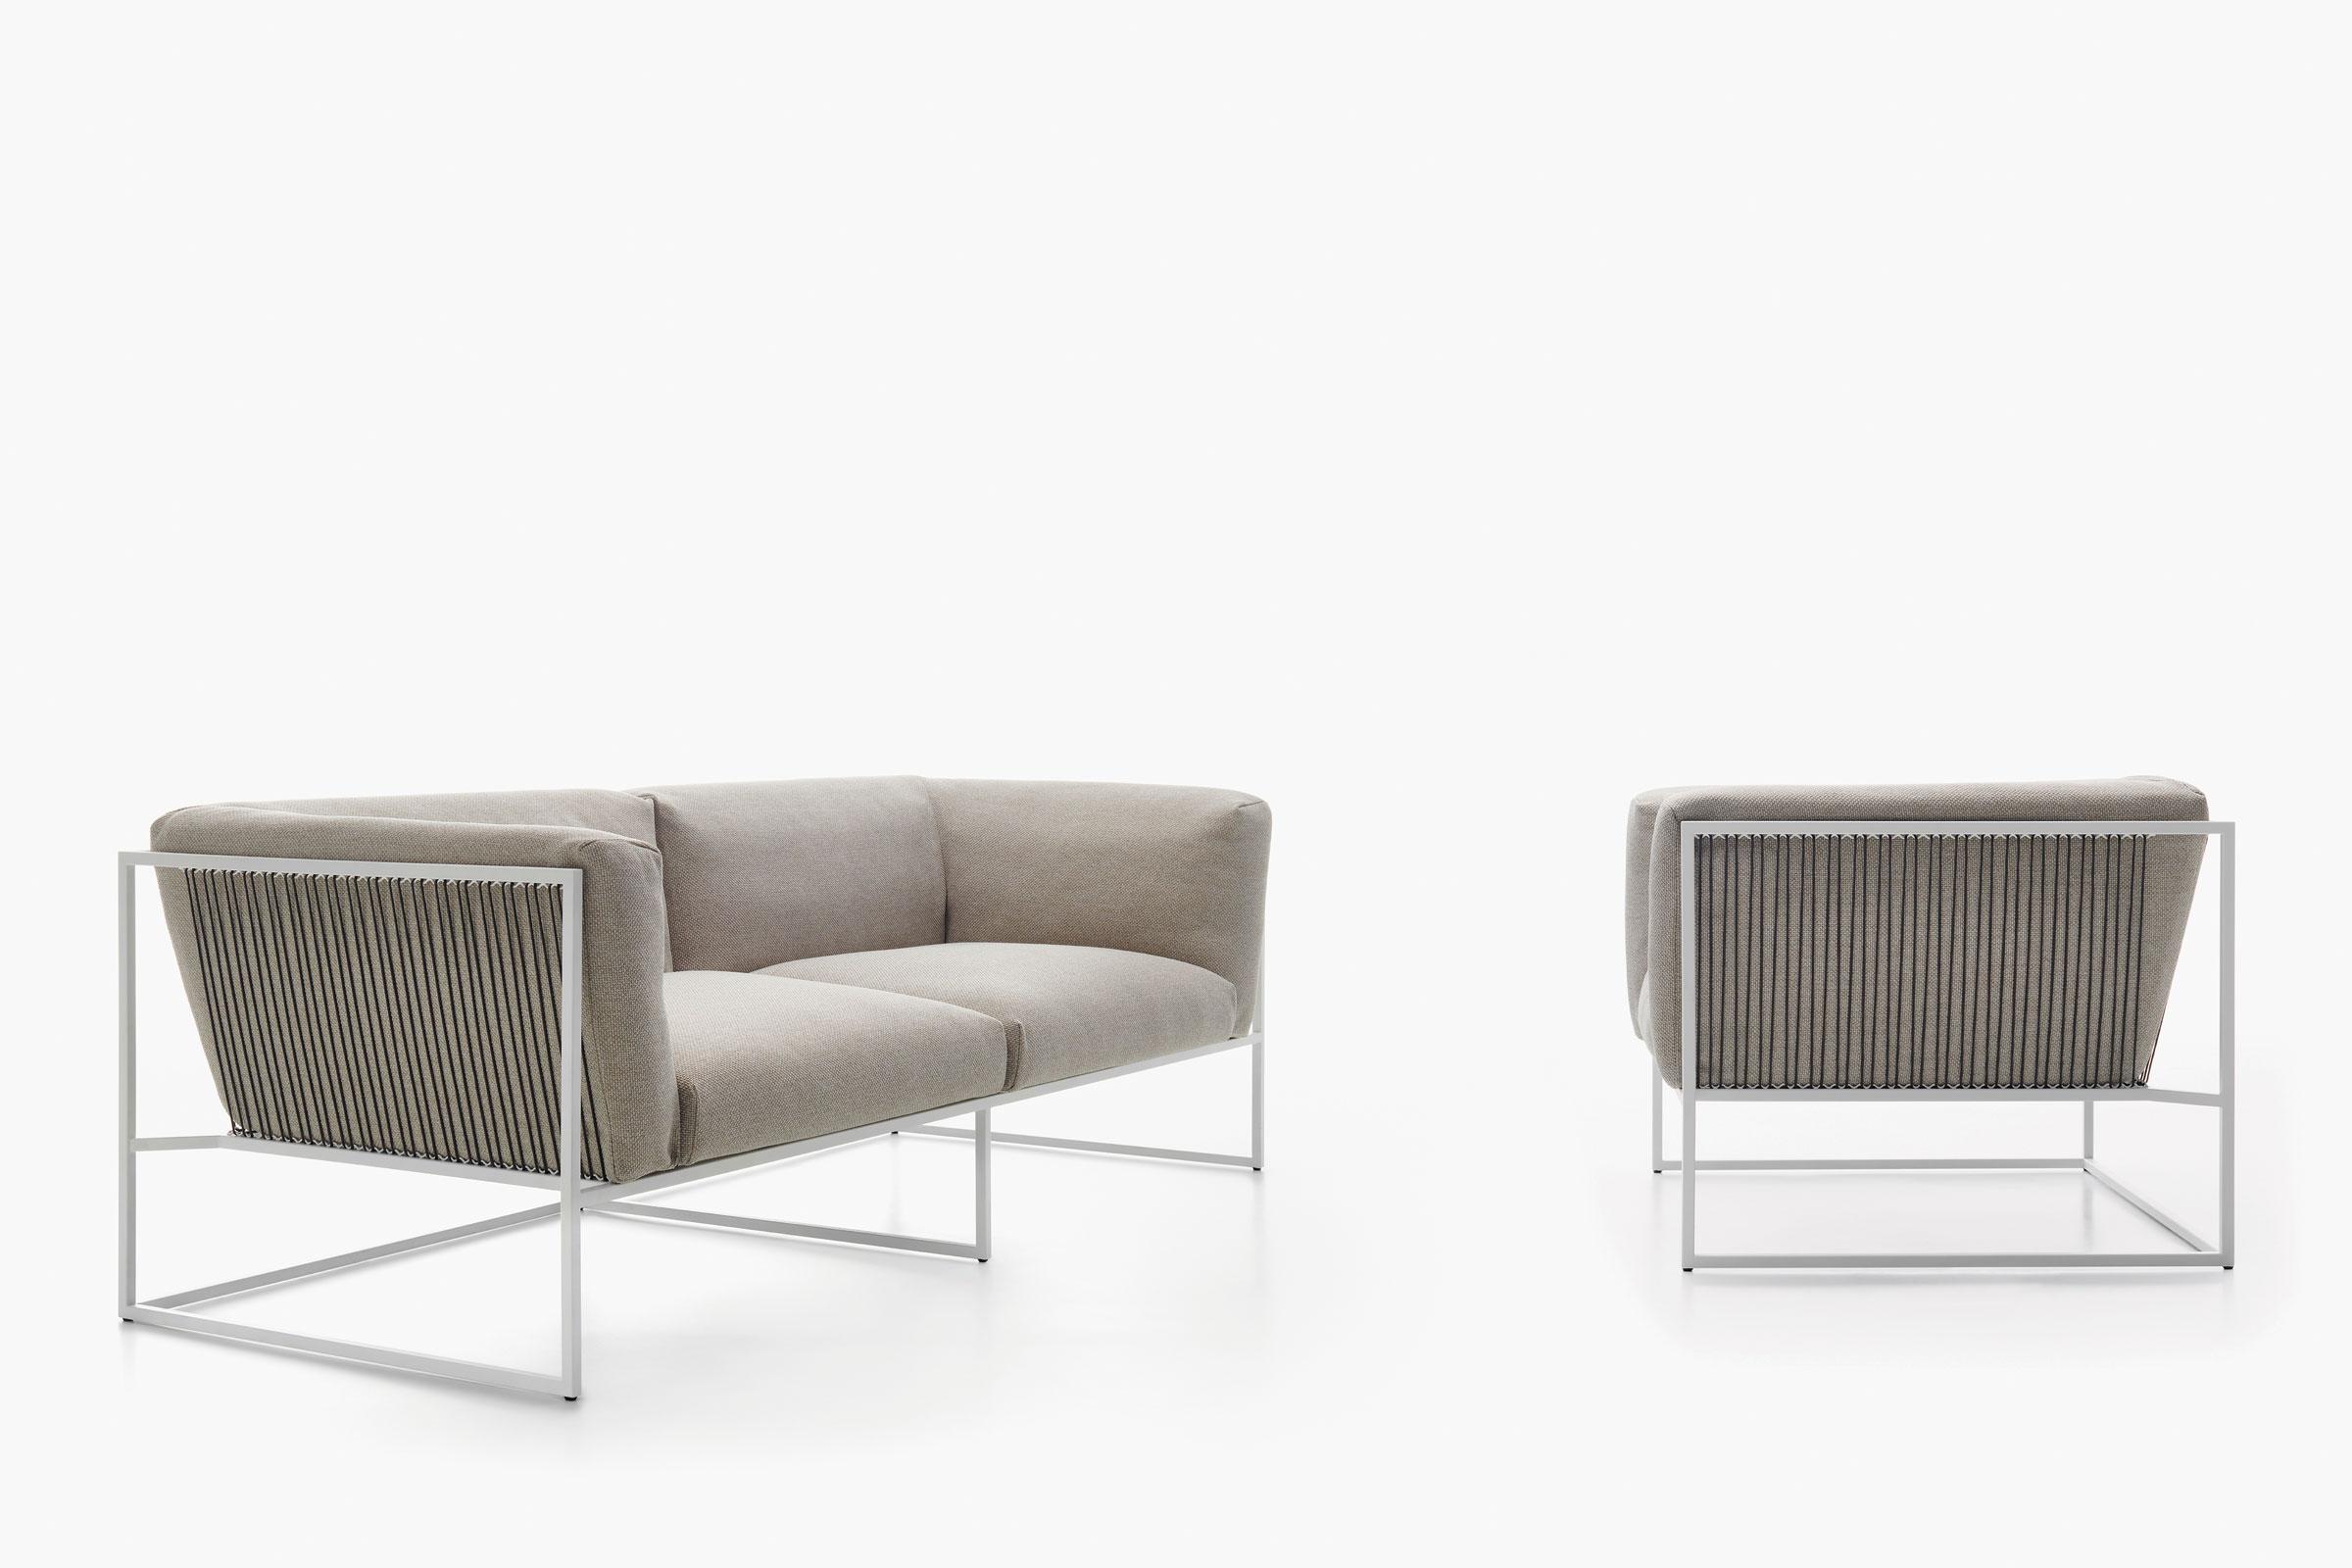 hauser-design-mdf-italia-sofa-arpa-in-beige